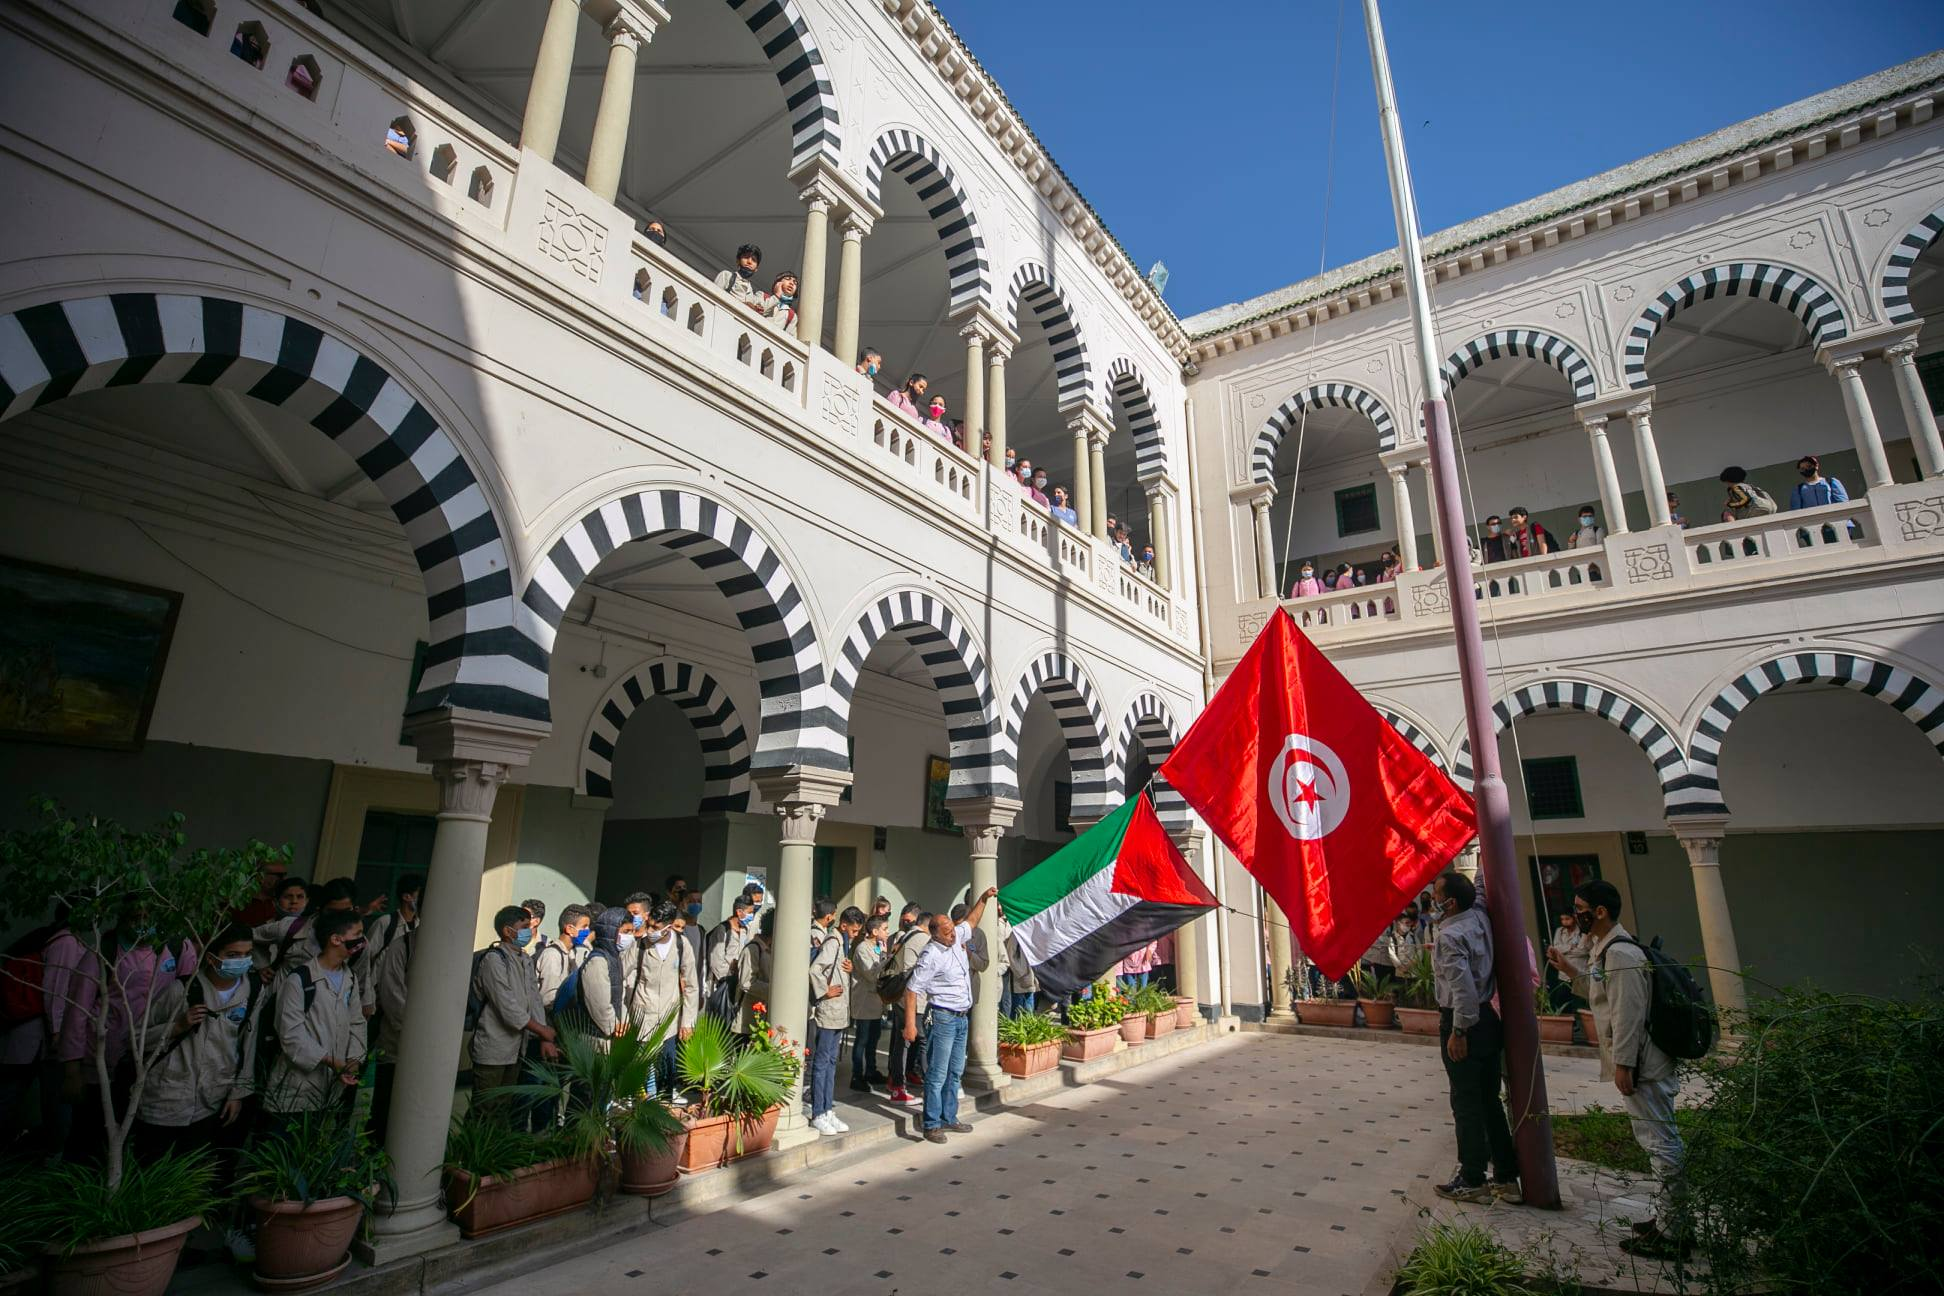 Le drapeau palestinien a été hissé avec le drapeau tunisien par les élèves de l'école Sadiki